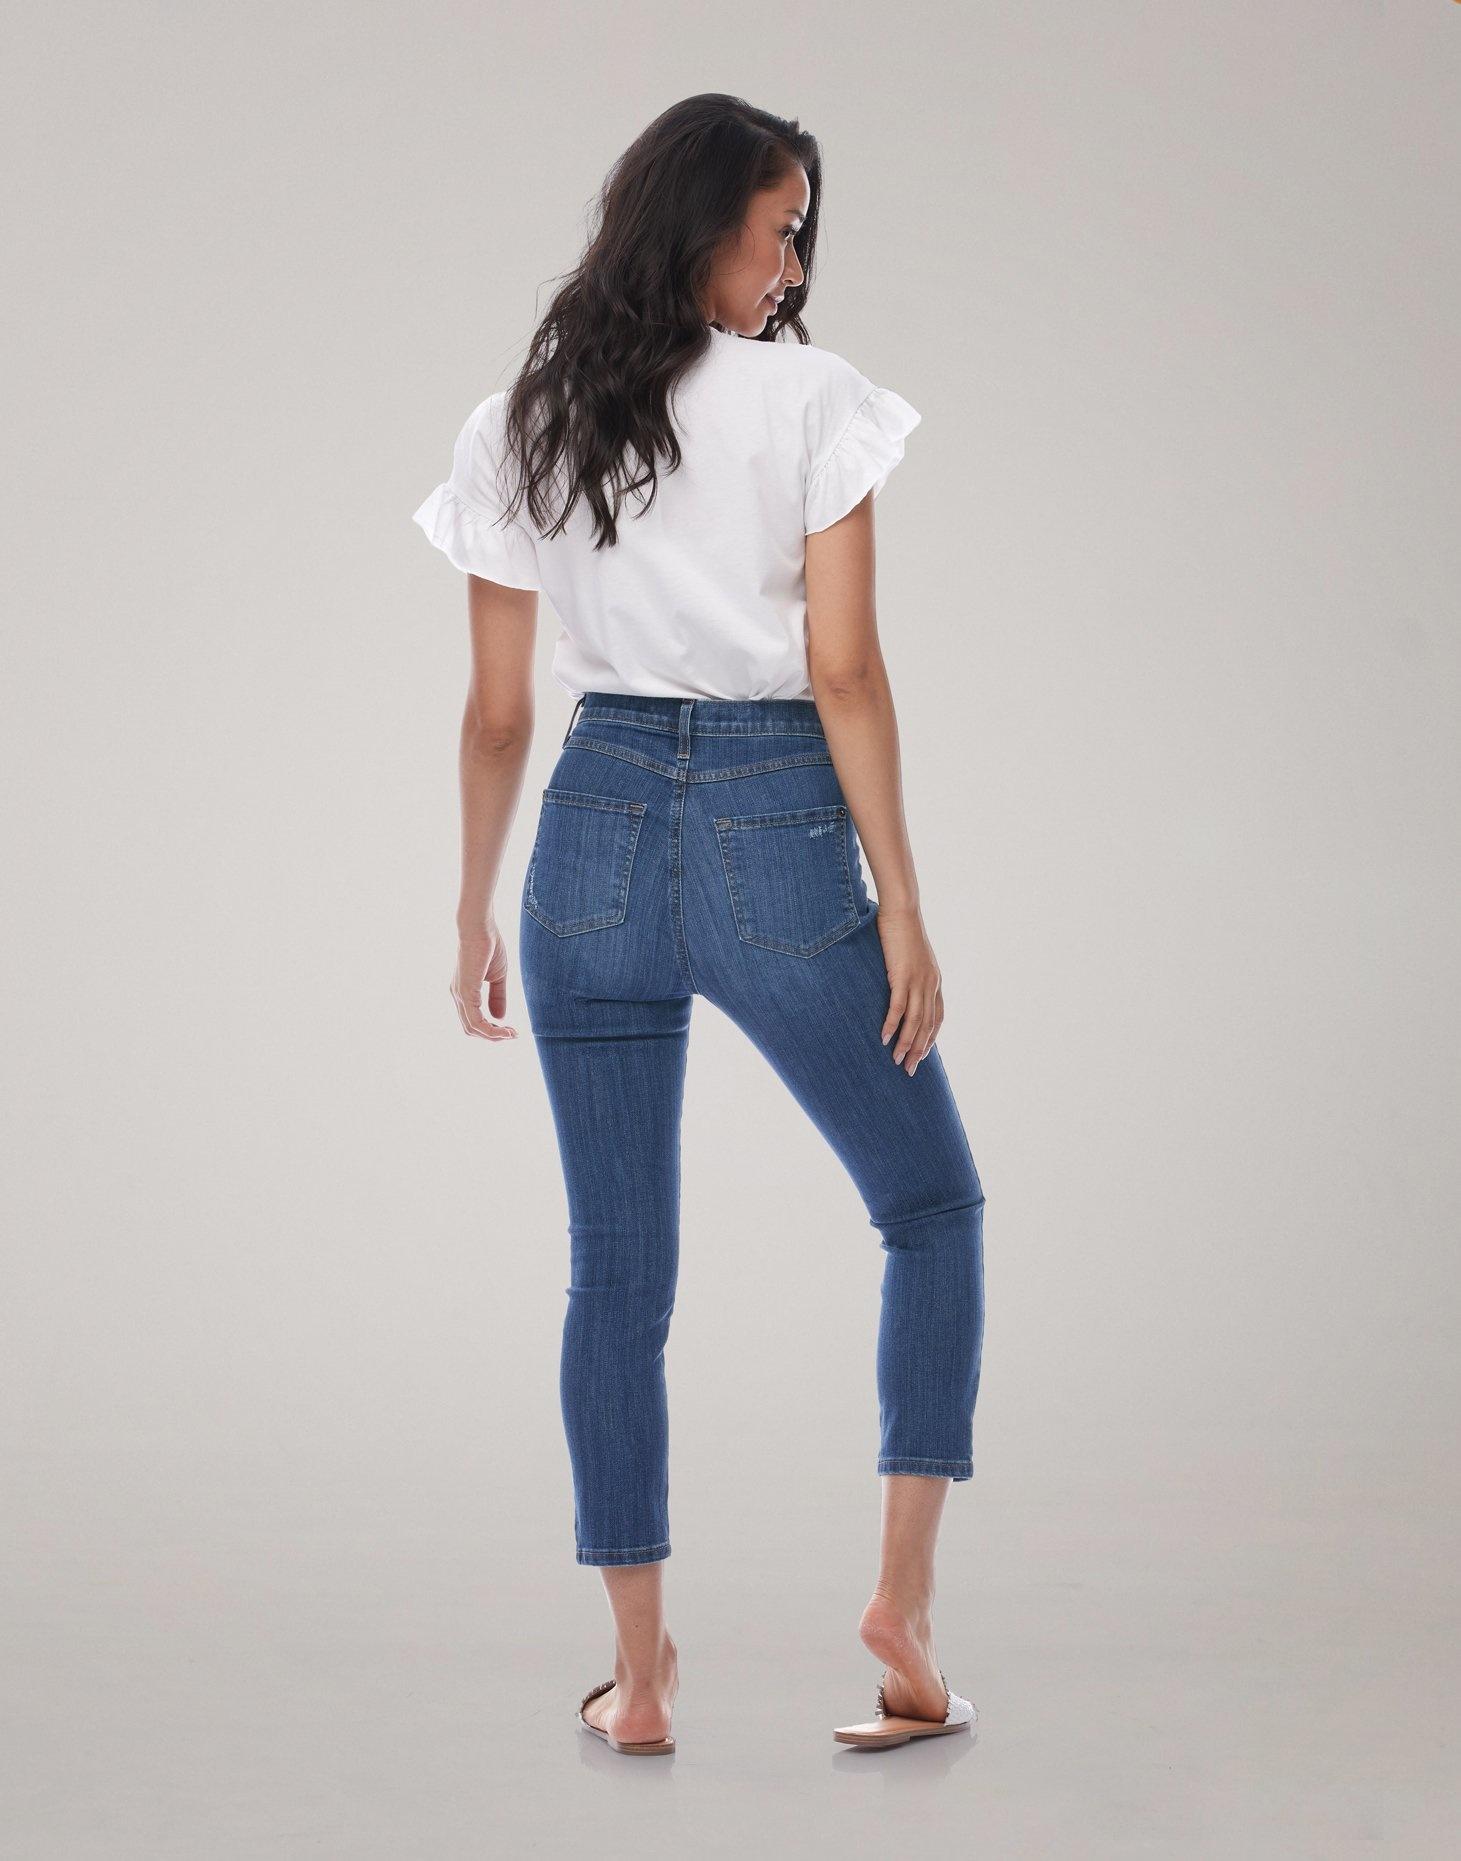 Yoga Jeans RACHEL SKINNY JEANS / Southside